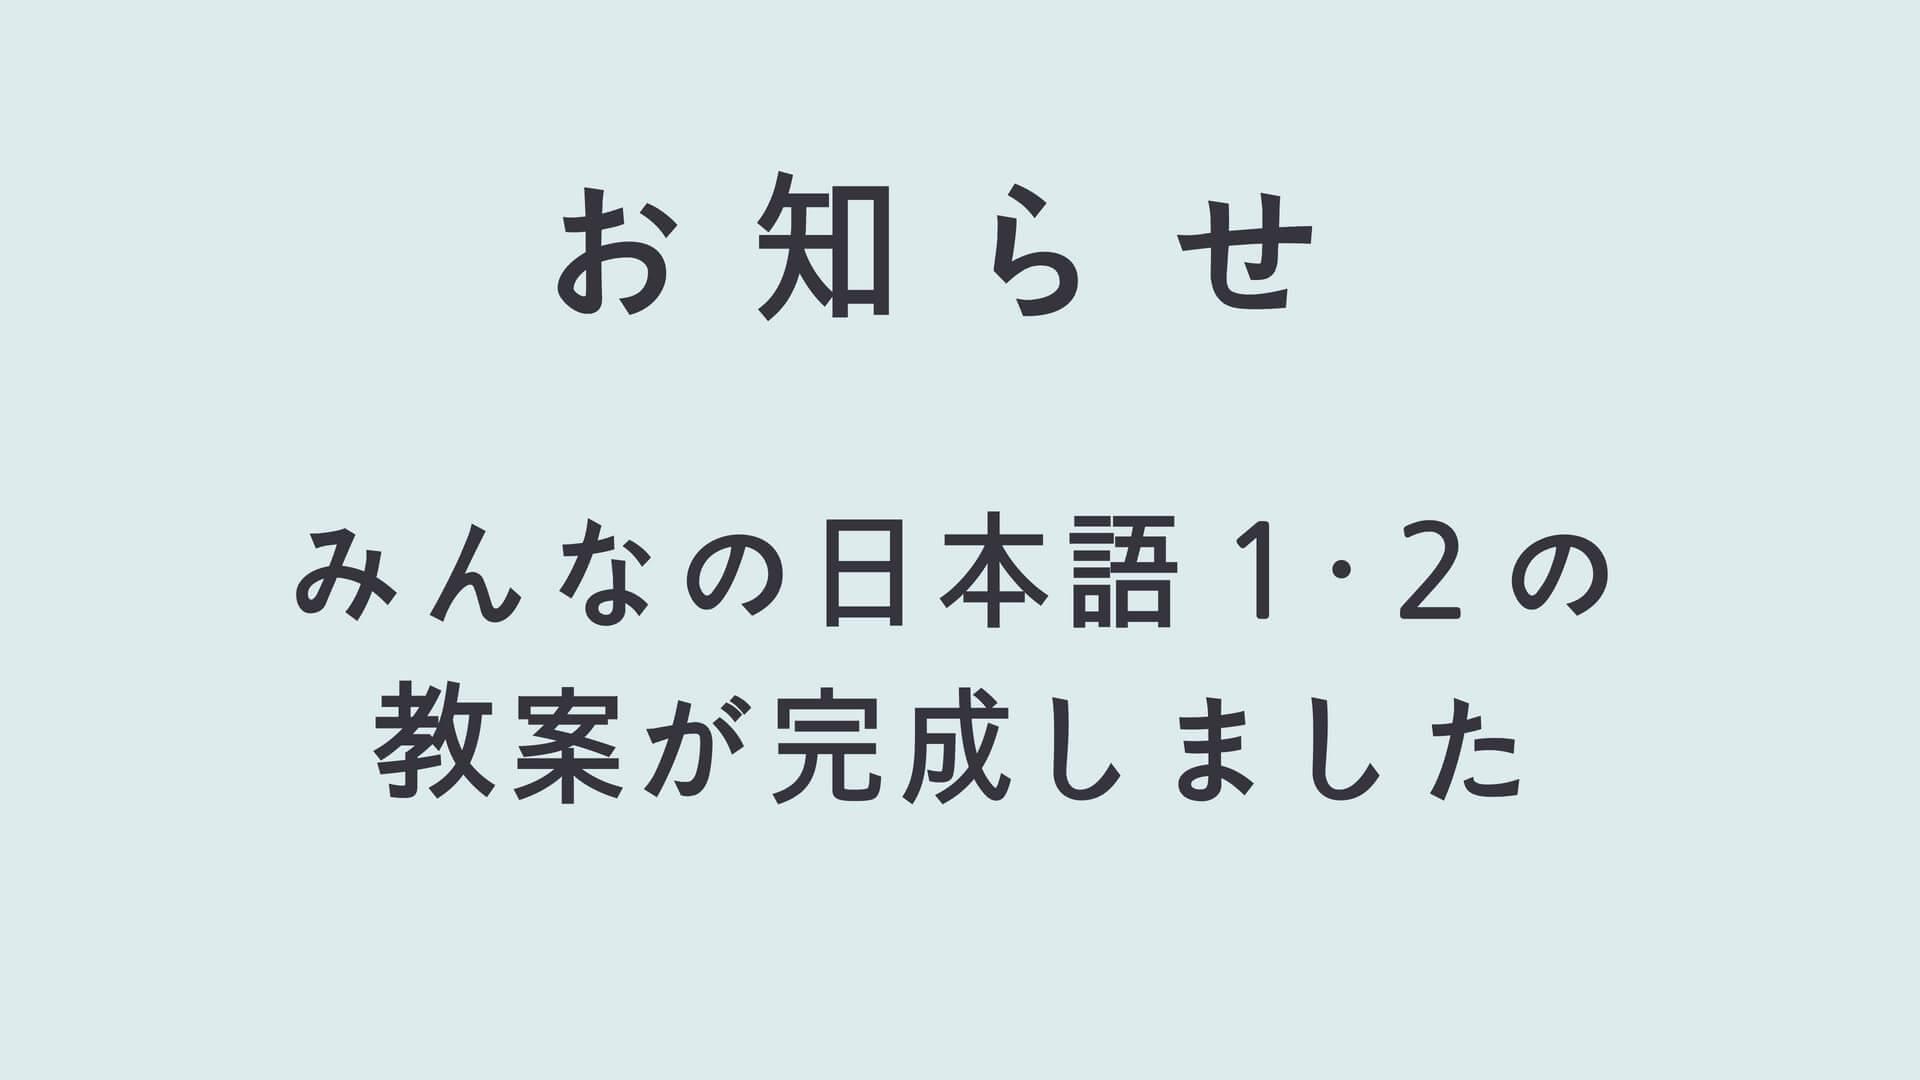 お知らせ - みんなの日本語1・2の教案が完成しました。